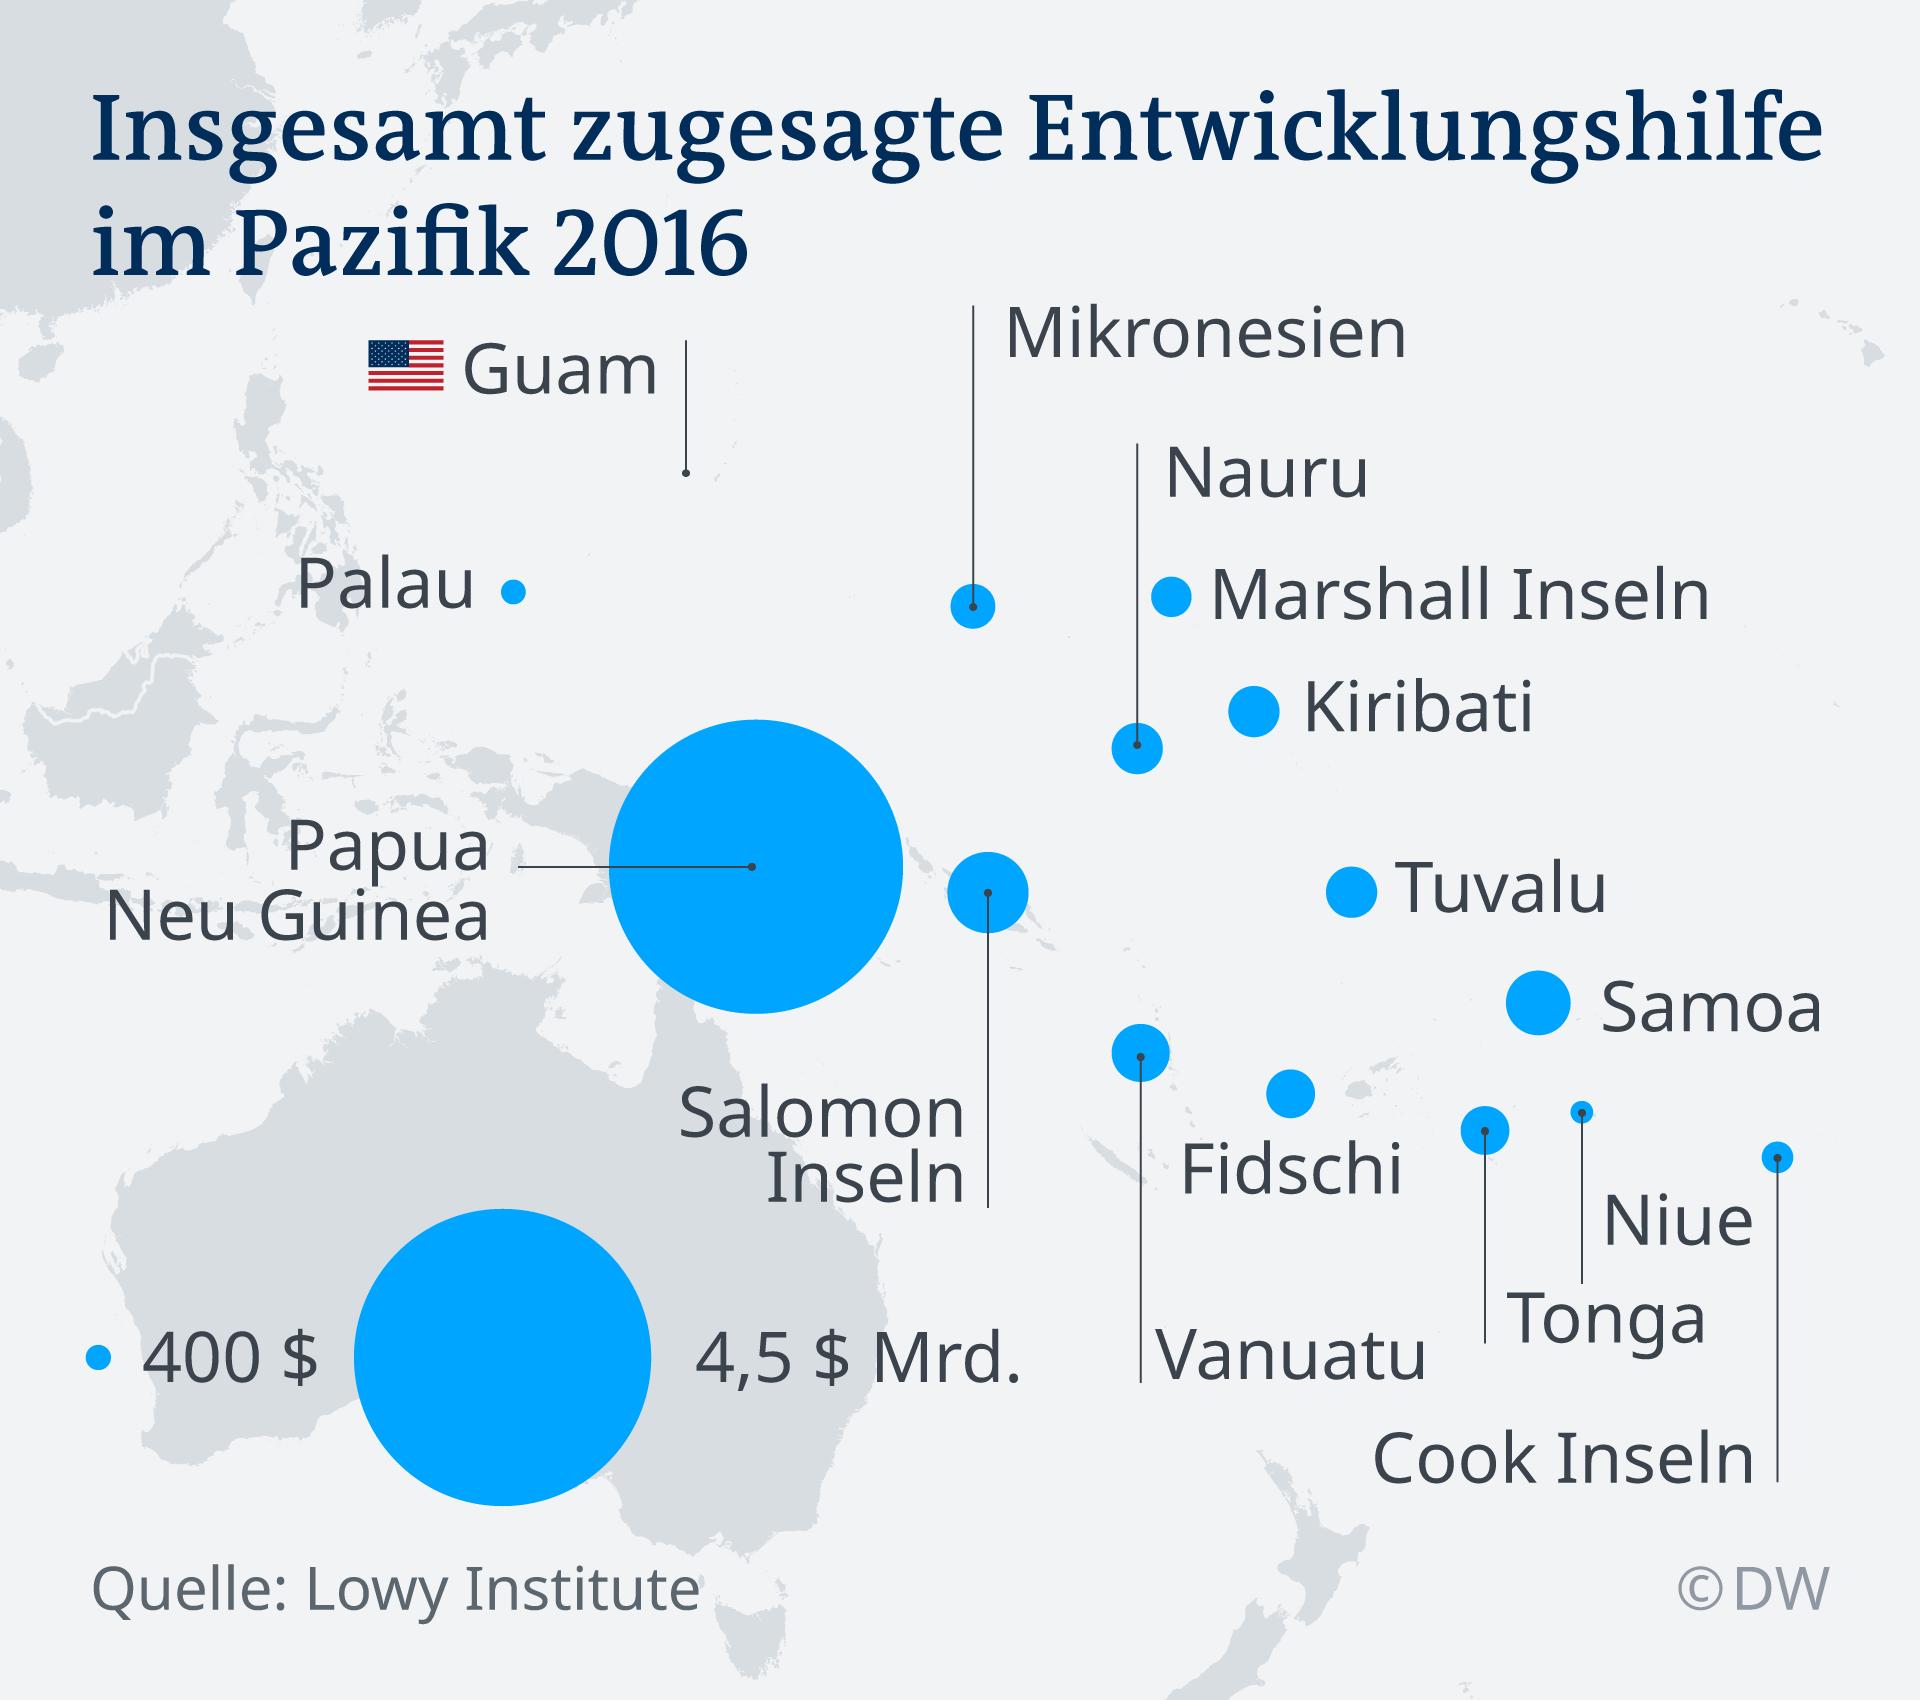 Infografik Insgesamt zugesagte Entwicklungshilfe im Pazifik 2016 DE